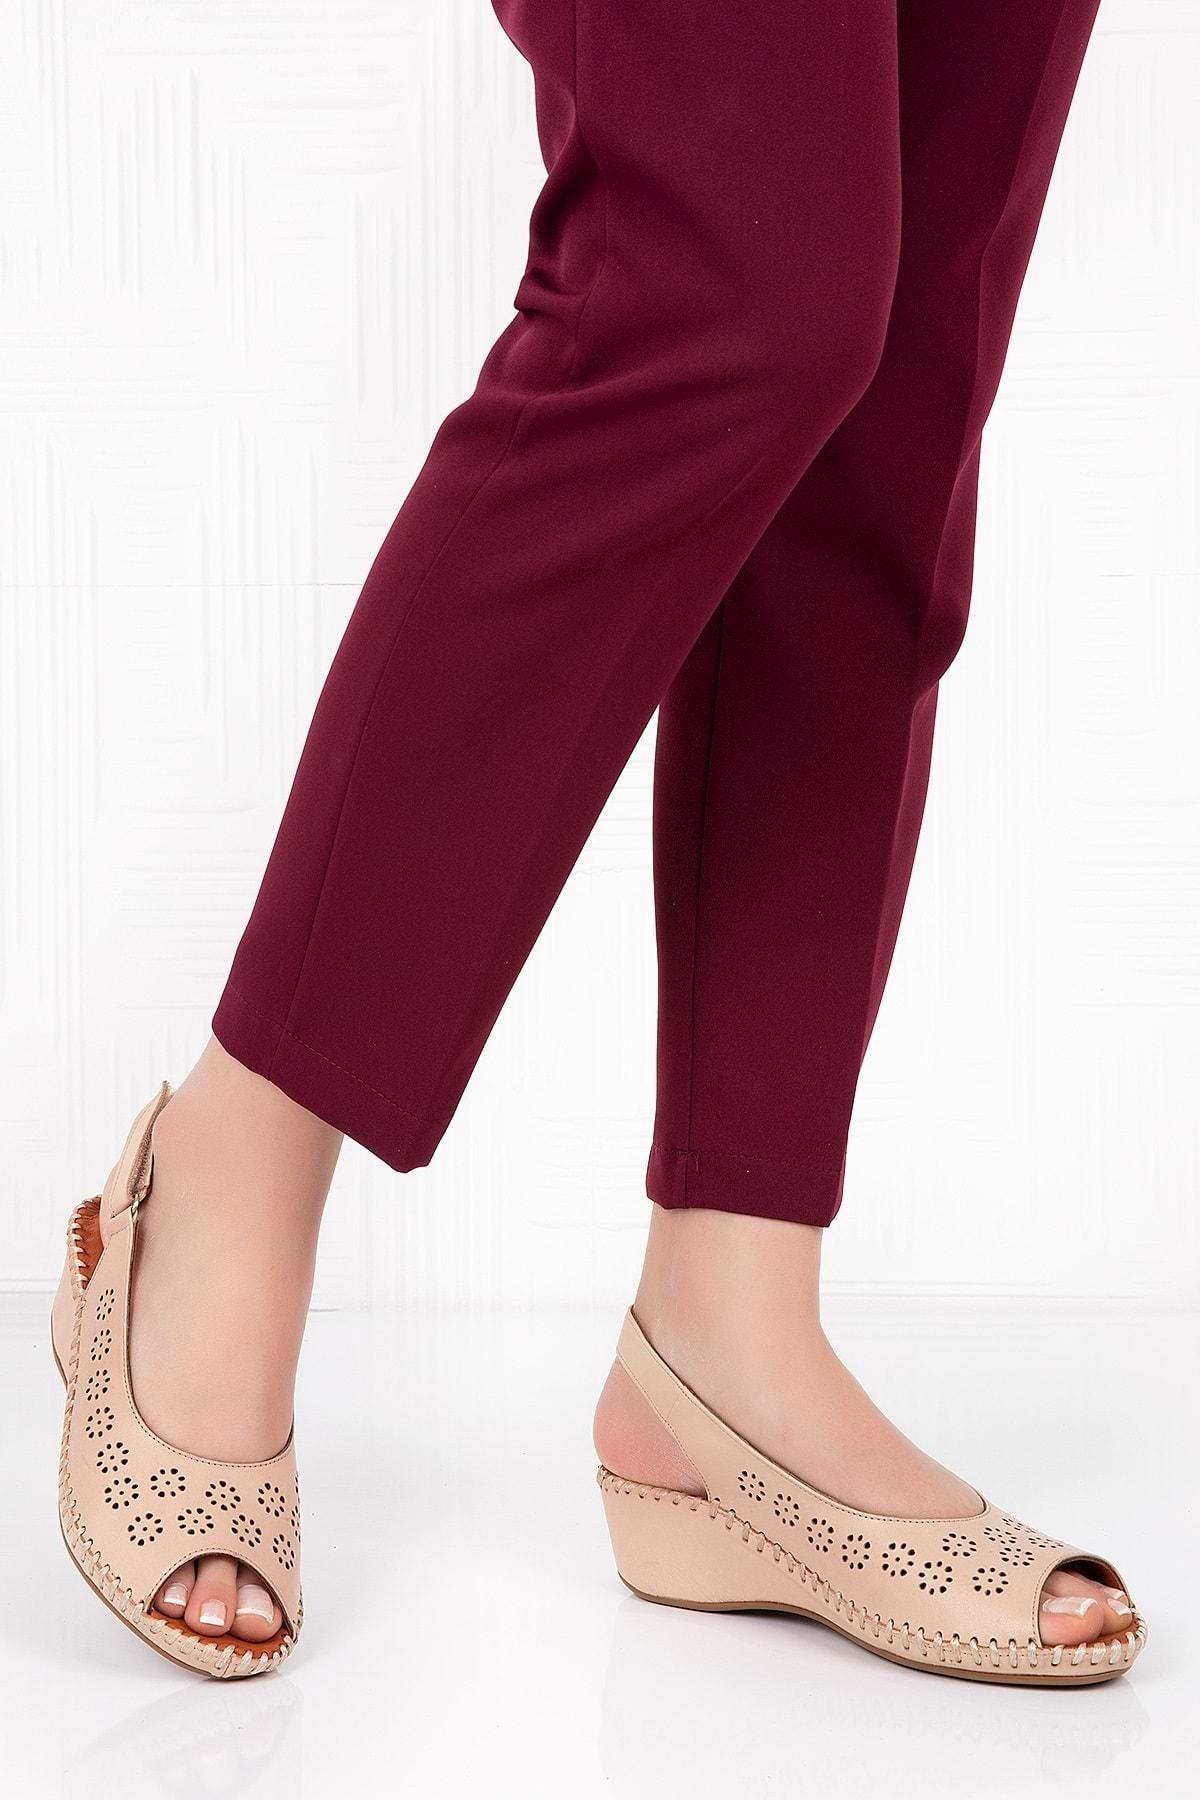 Gondol Kadın Bej  Deri Anatomik Taban Sandalet 1